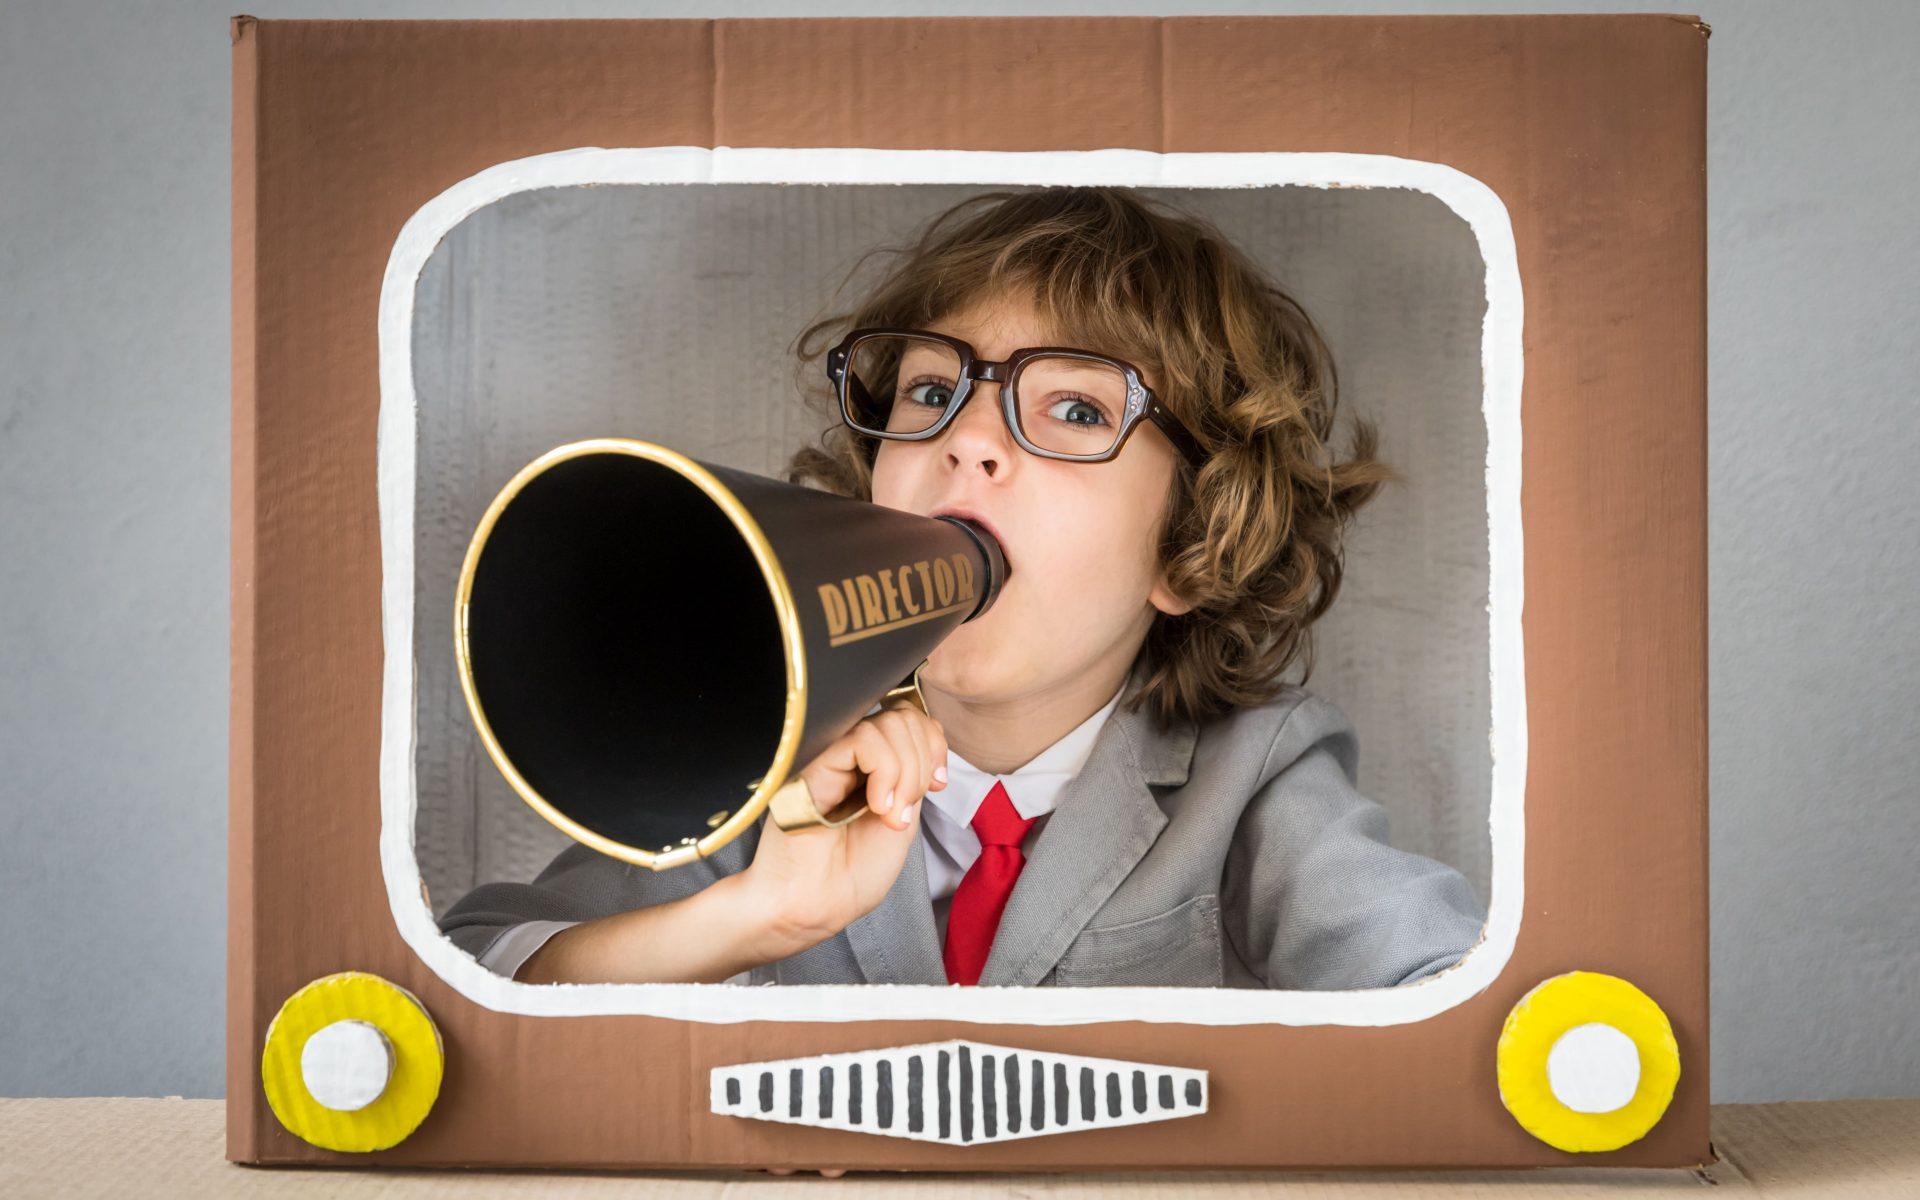 marketing-promocional-crianca-terno-e-gravata-anunciando-na-televisao-com-megafone